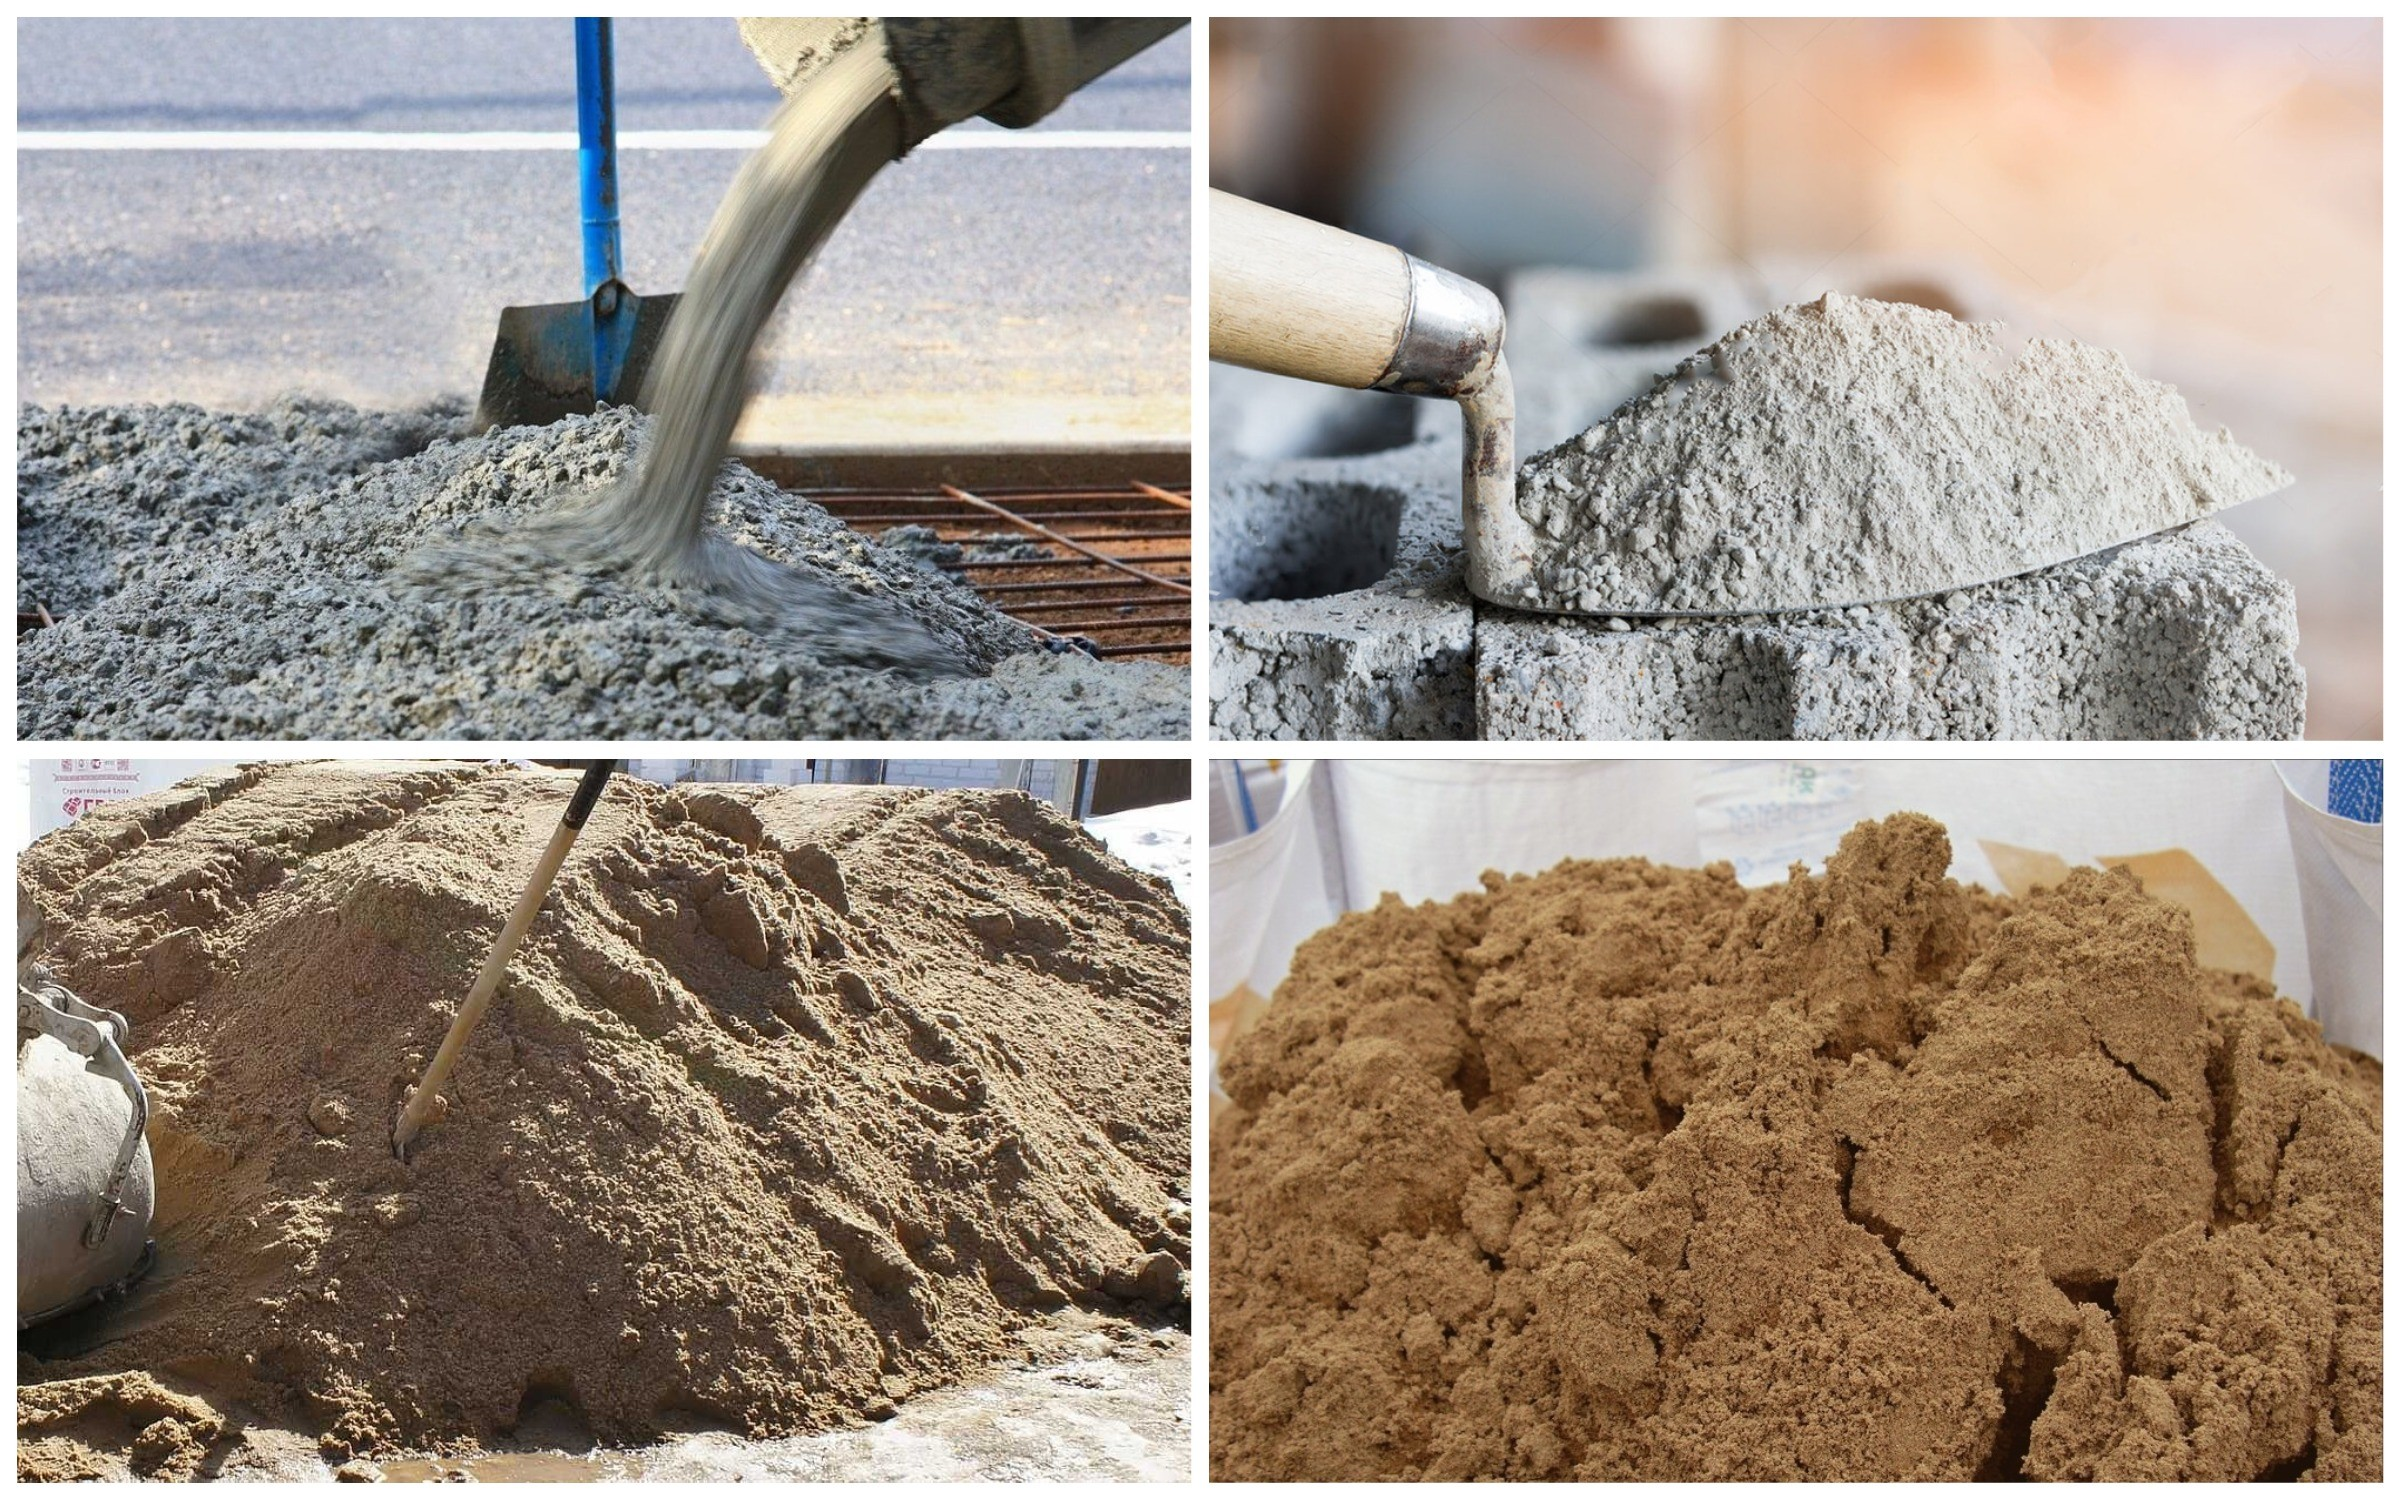 изображение изготовления бетонного раствора